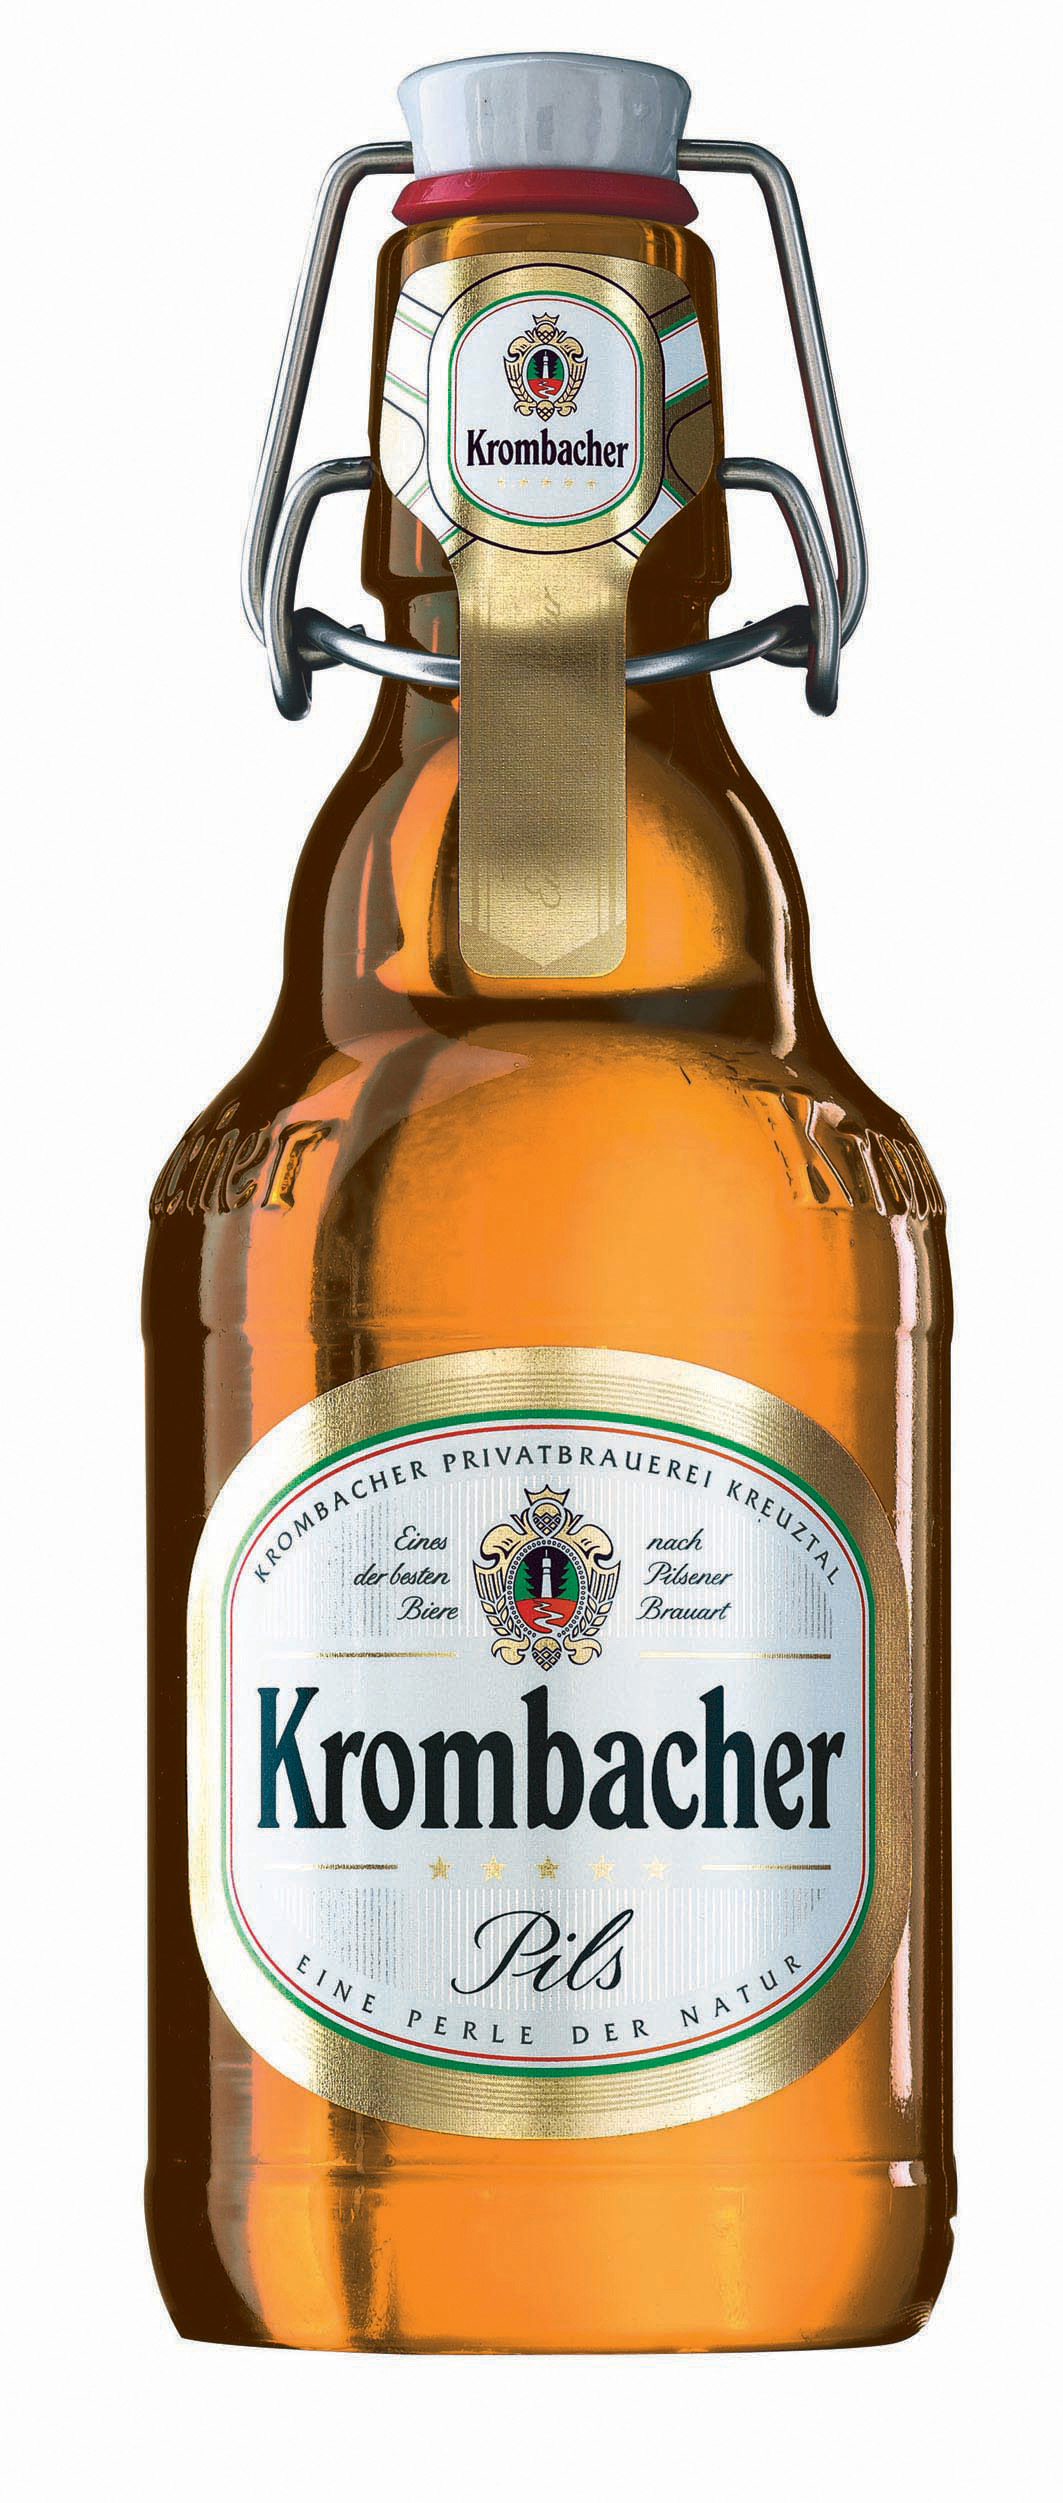 Krombacher Bier Gewinnspiel